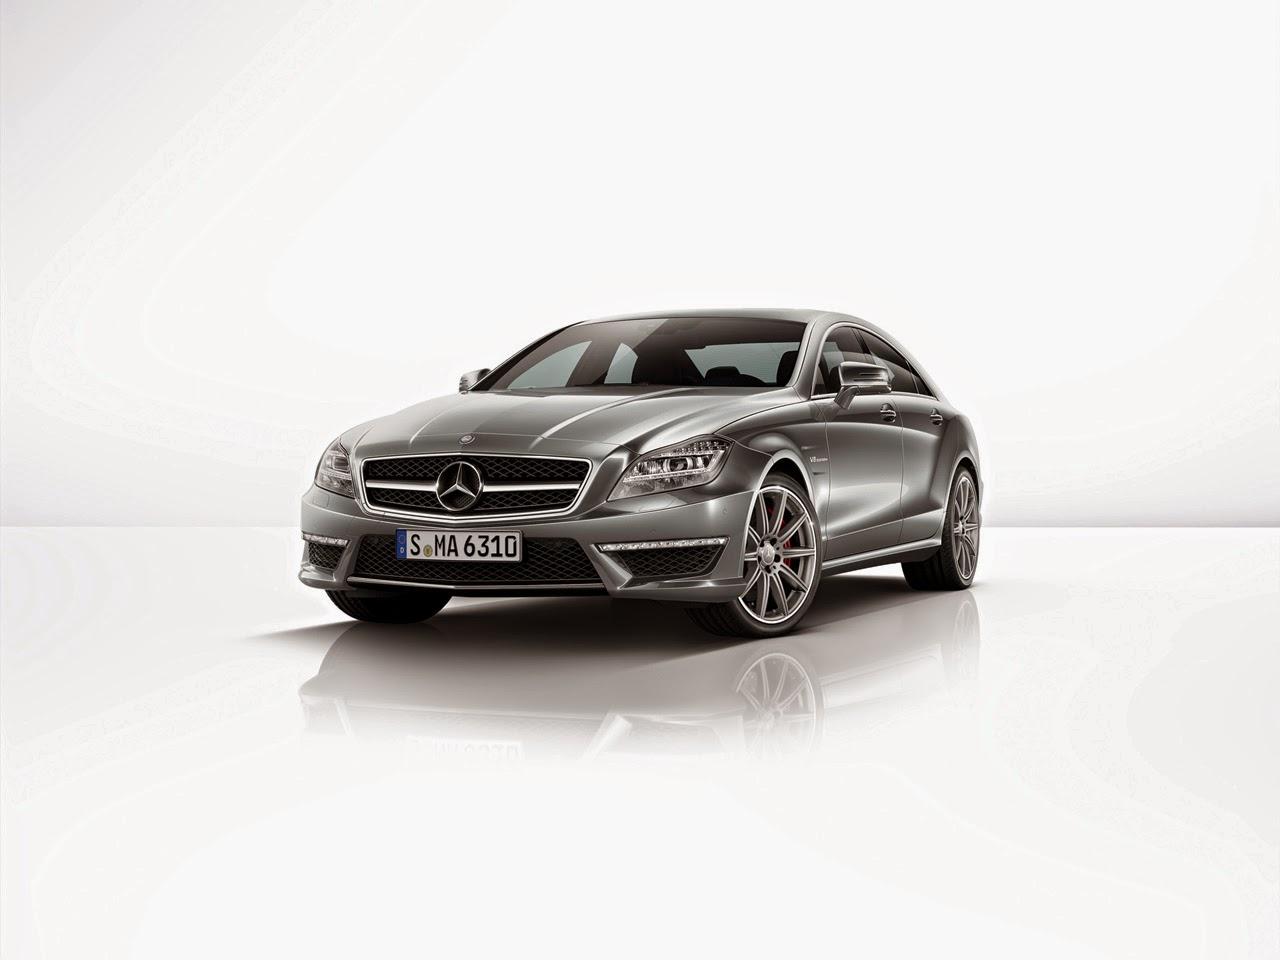 Mercedes Benz CLS 63 AMG Studio Car